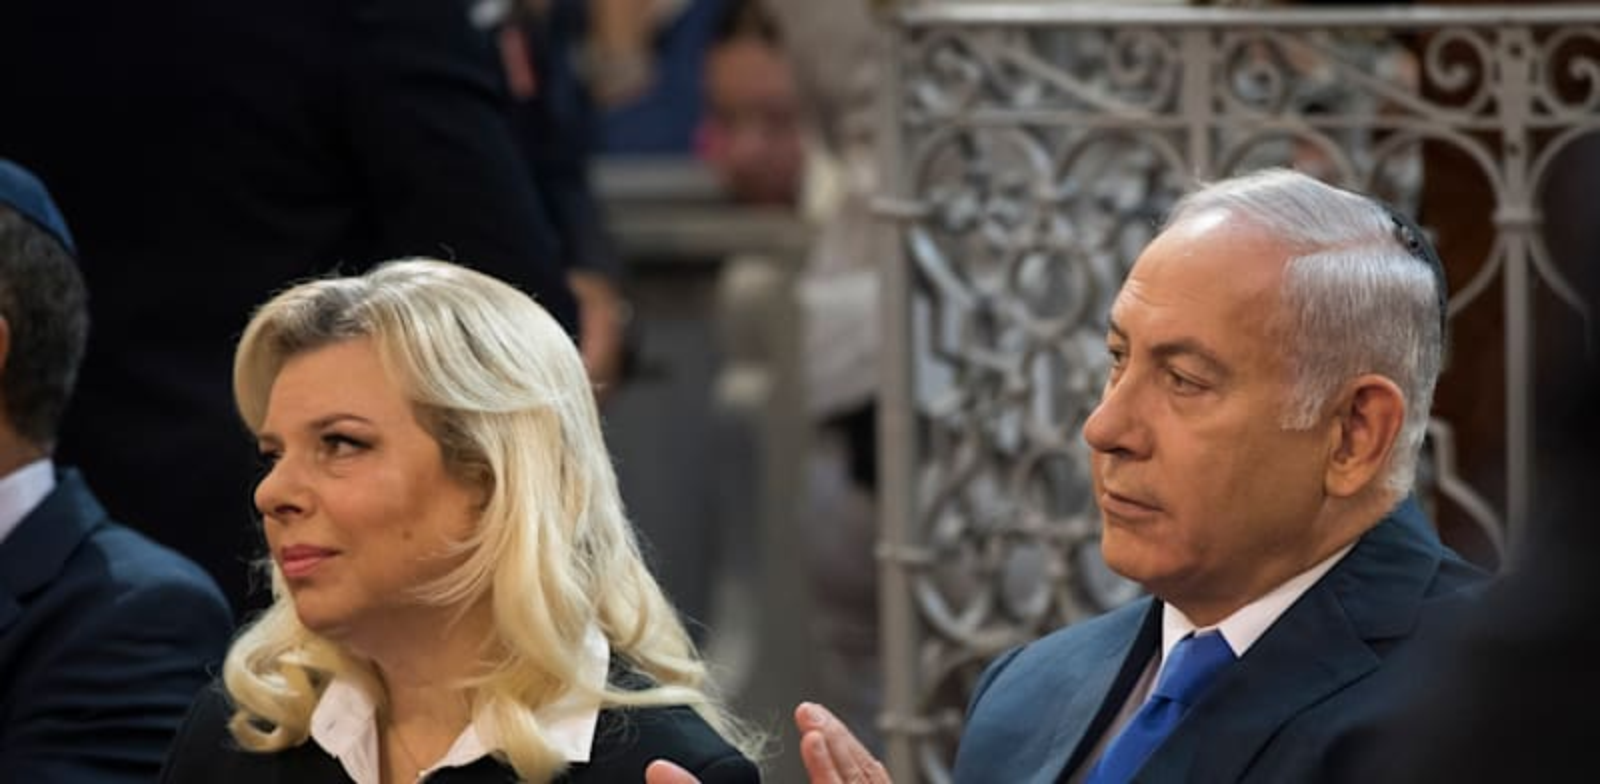 ראש הממשלה היוצא בנימין נתניהו ורעייתו שרה / צילום: Associated Press, Mindaugas Kulbis